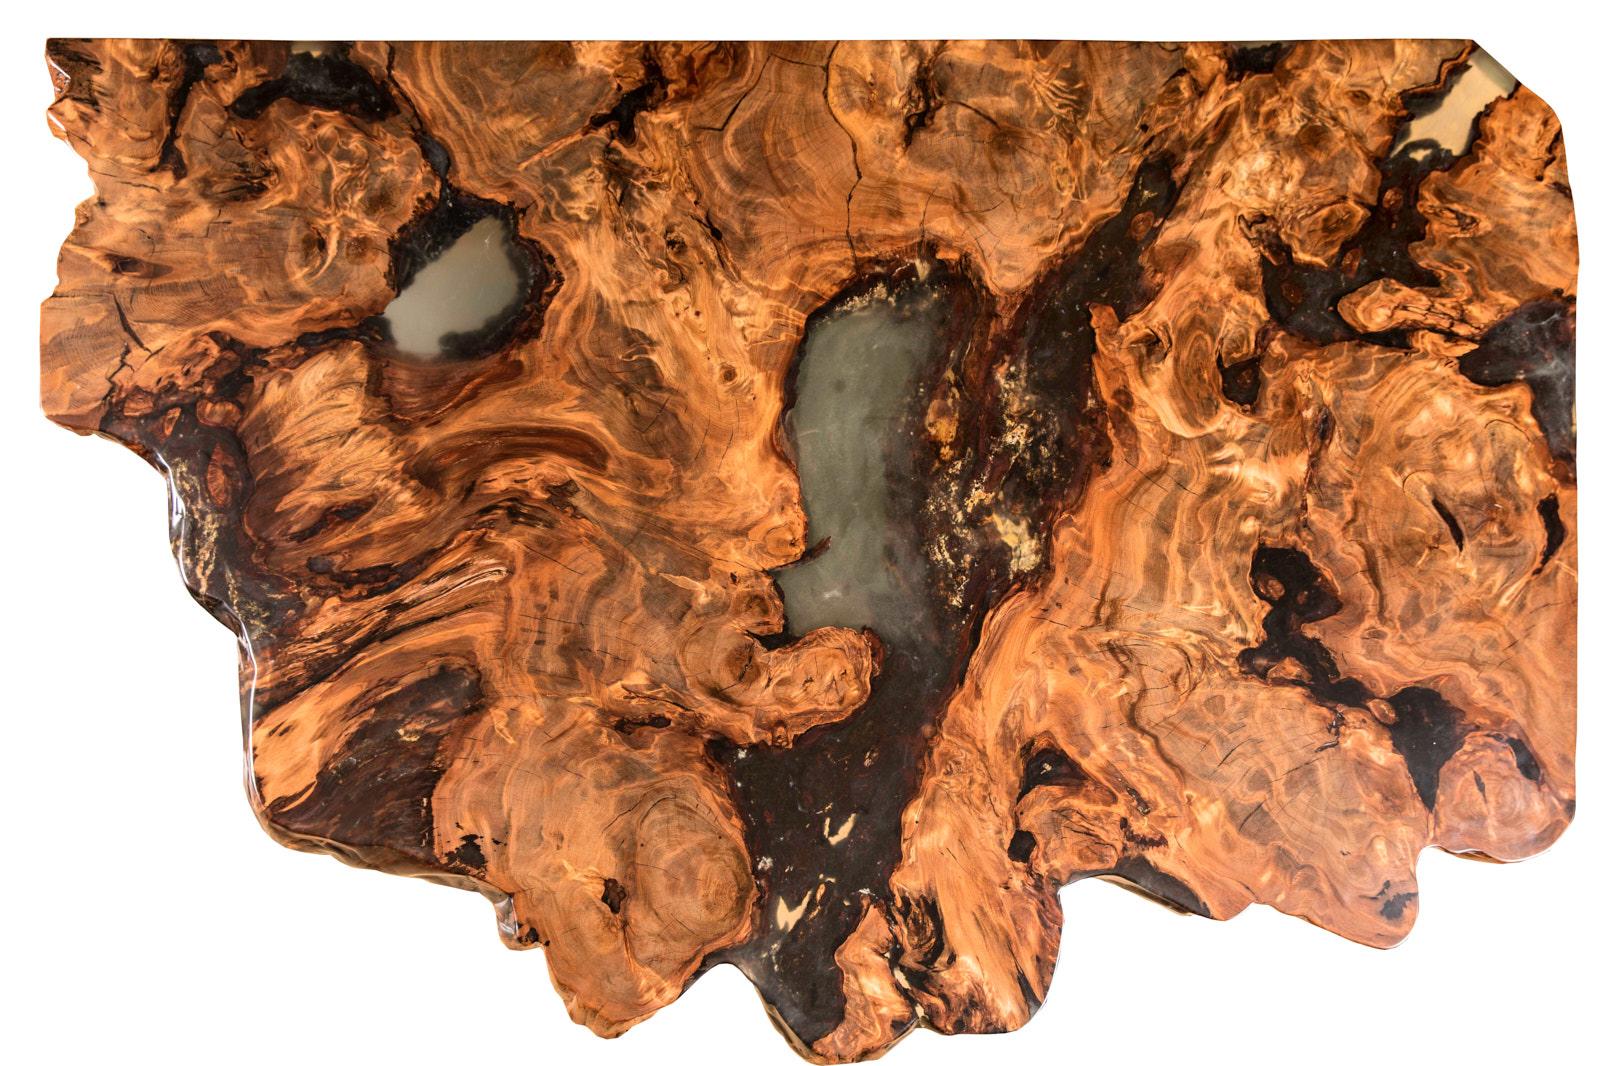 Unverwechselbarer Kauri Wohnzimmertisch für eine moderne Inneneinrichtung, ein Wurzeltisch ein Stück Holz ist dieses Einzelstück Designer Esstisch